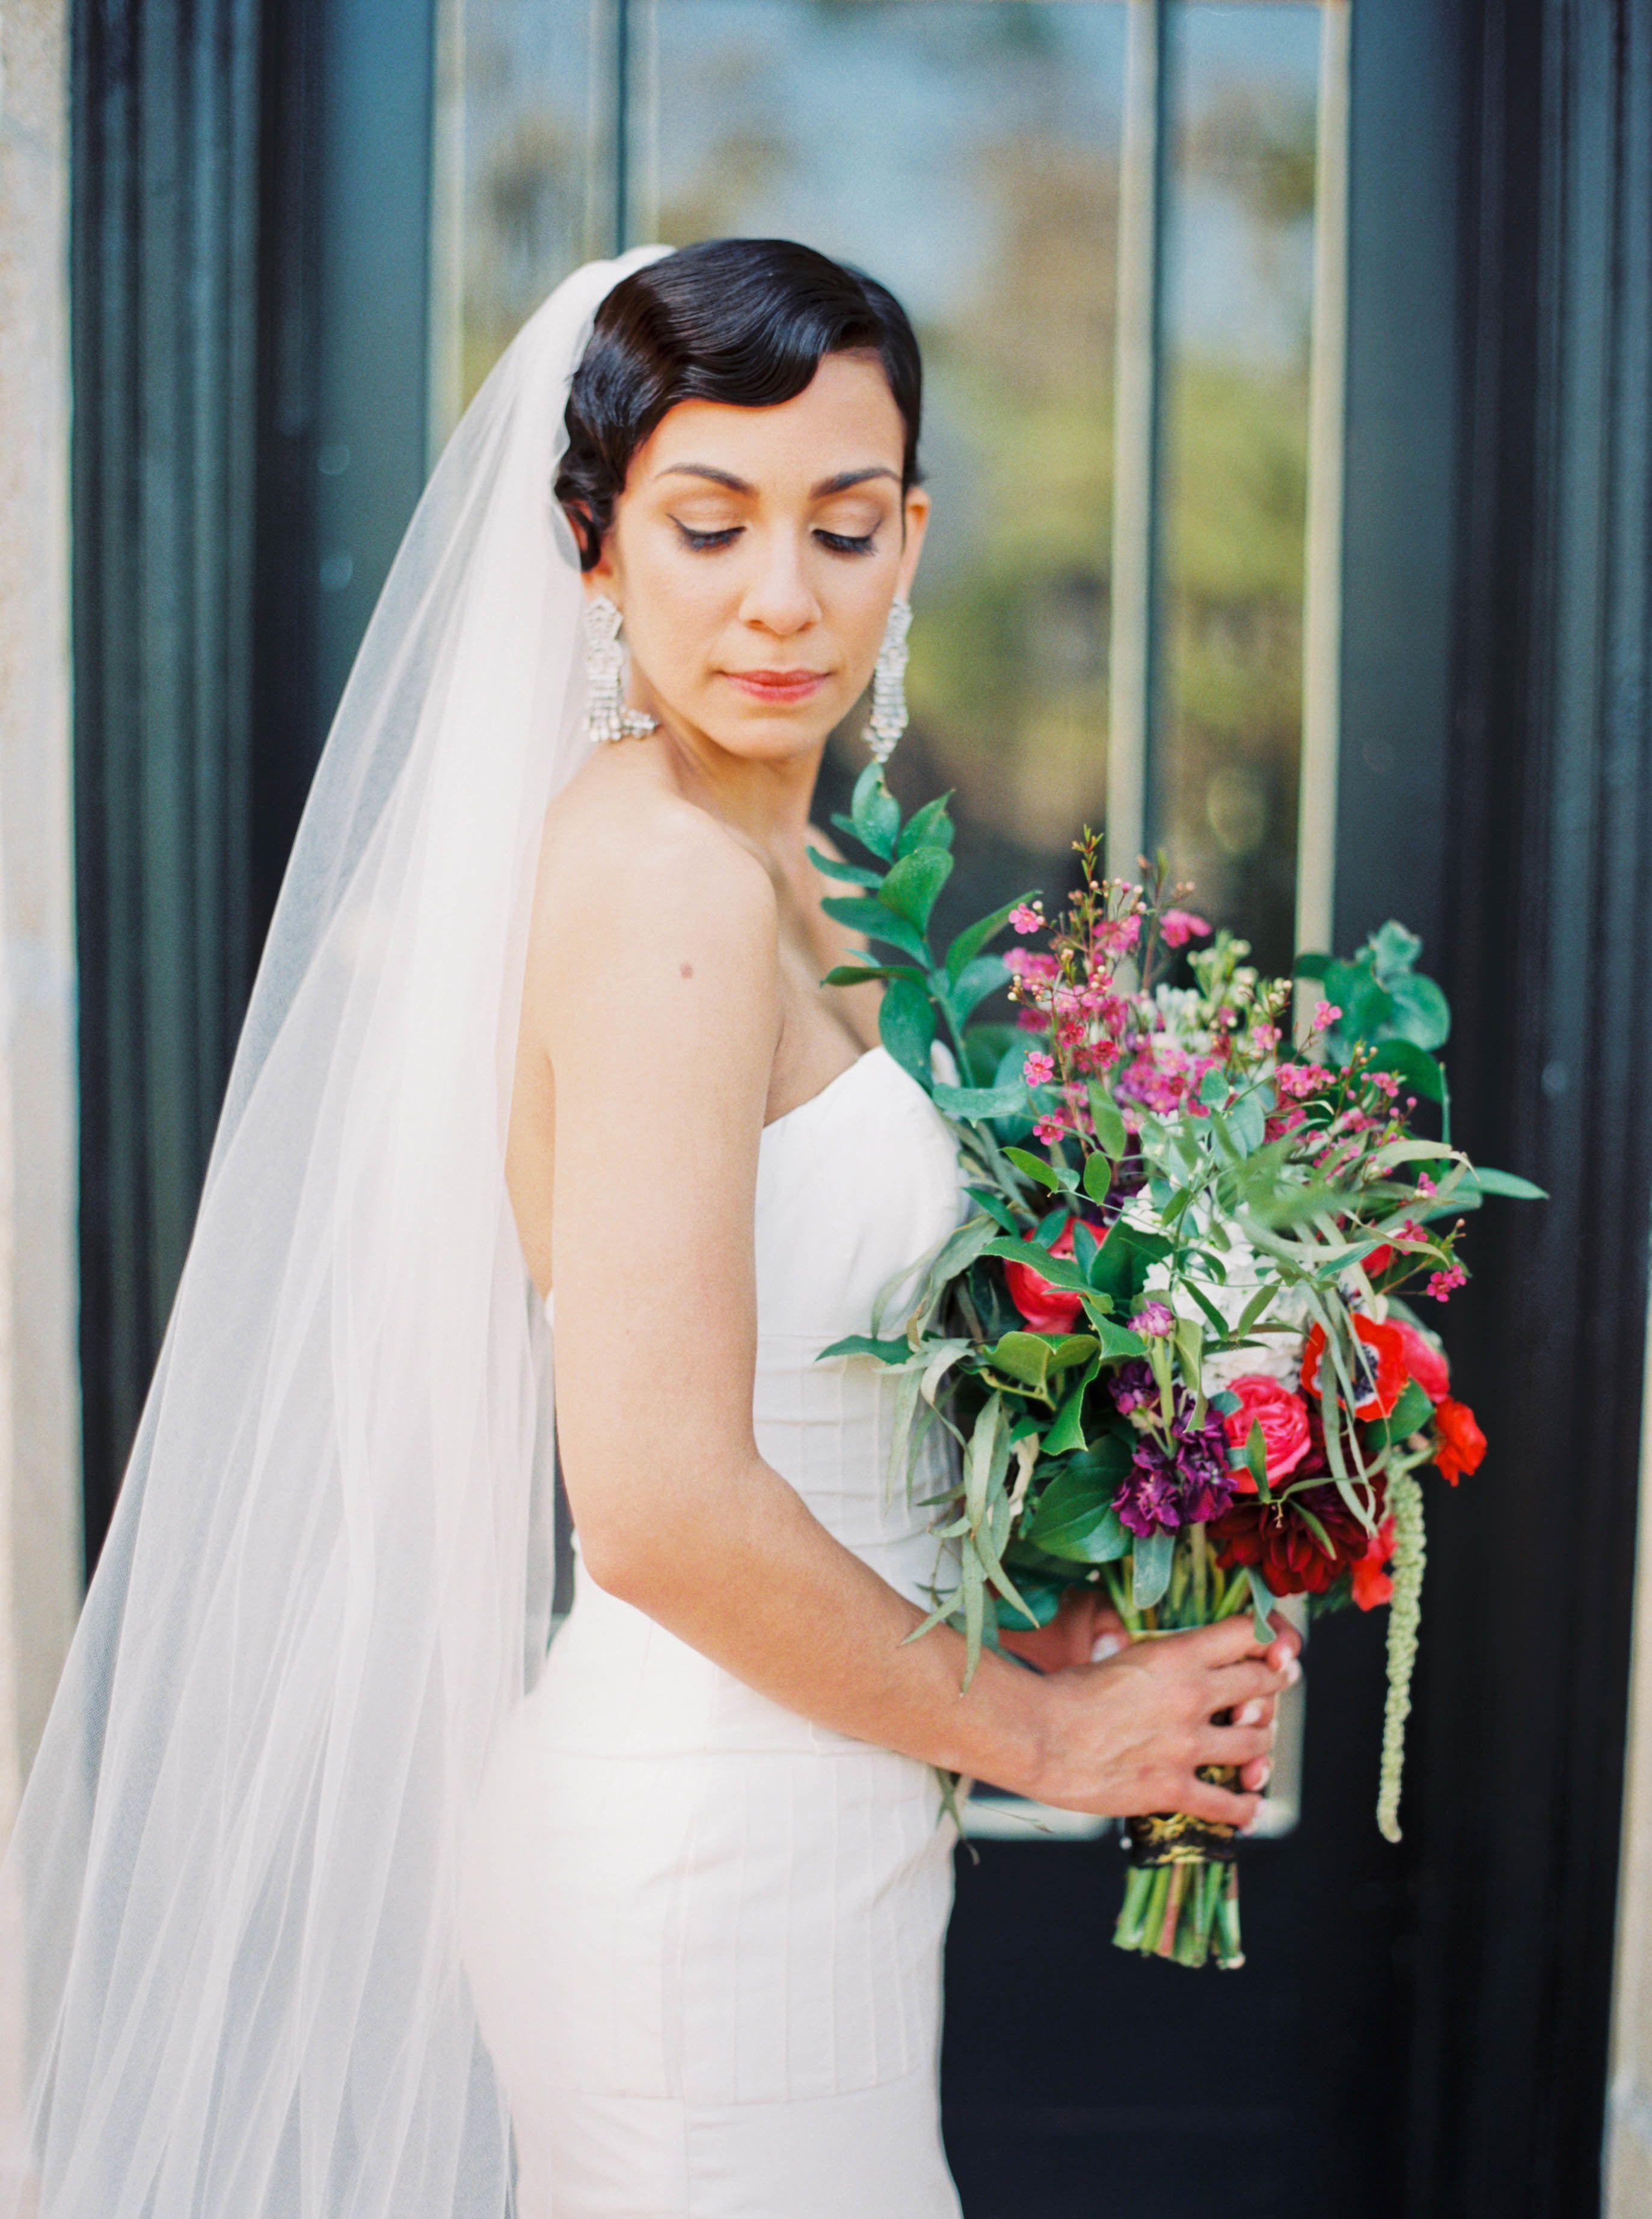 Camo and orange wedding dresses  Vintage Glam Florida Wedding  Bridal hairdo Finger waves and